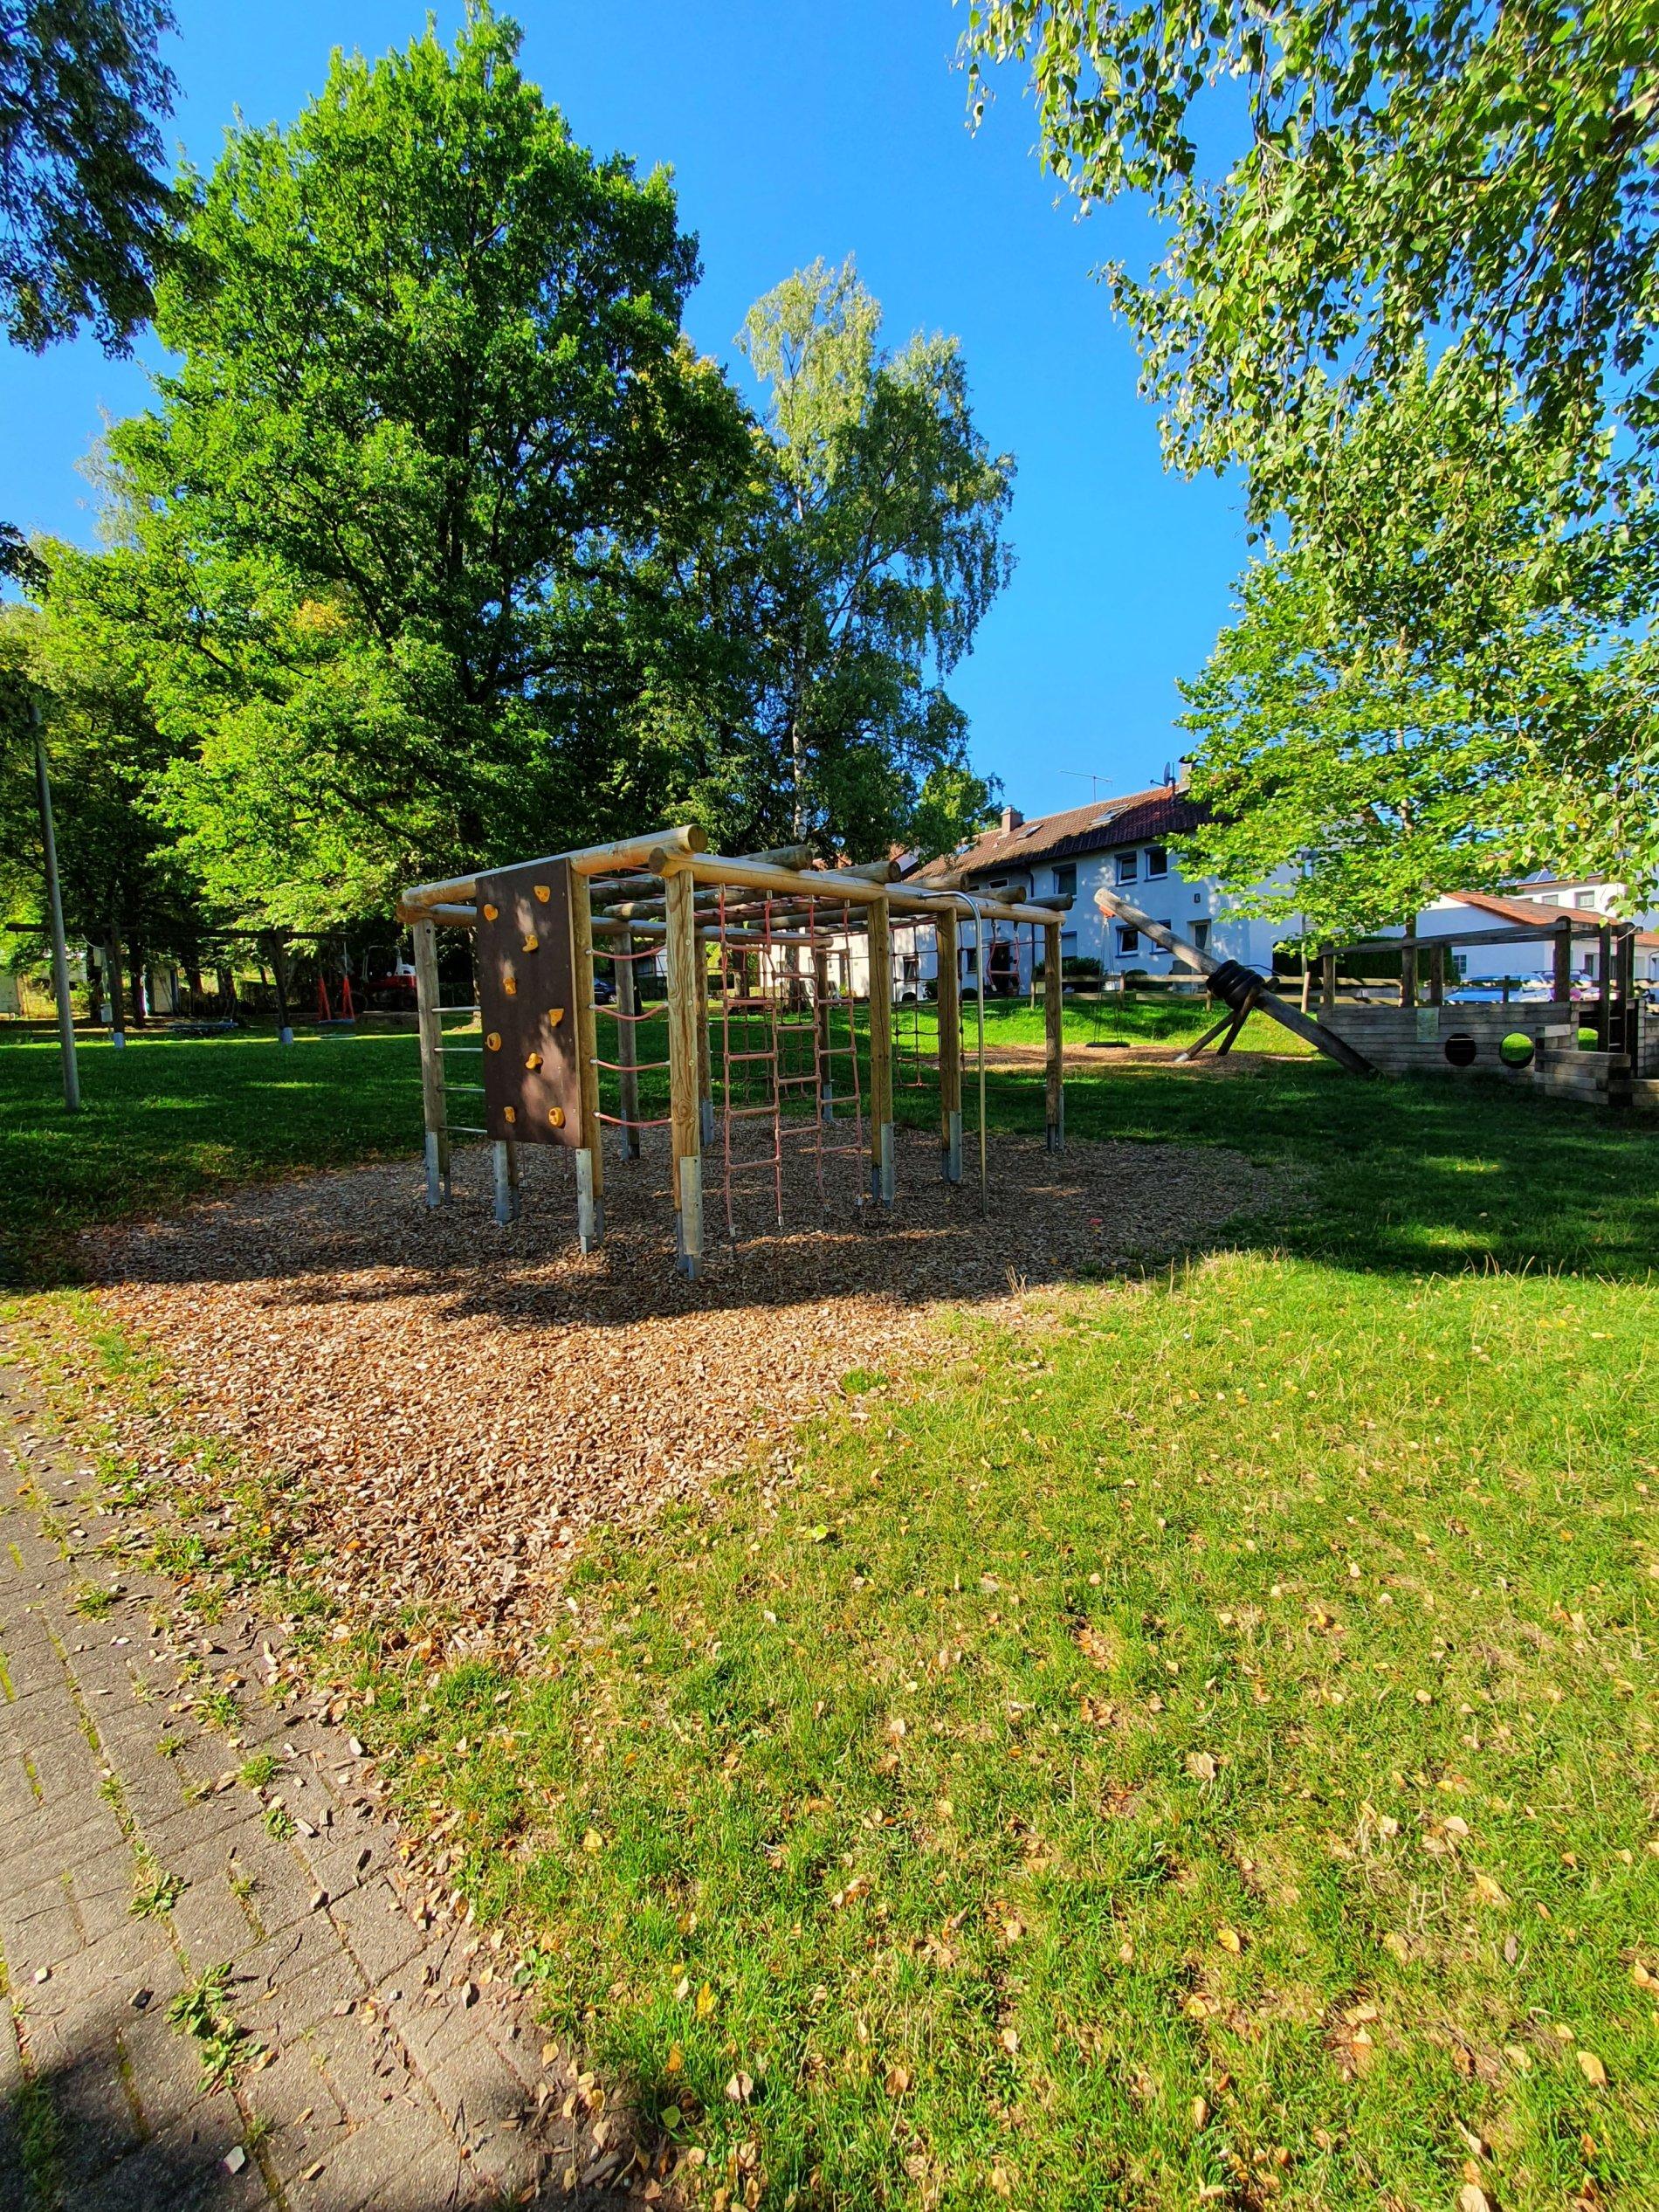 Spielplatz Sudetenweg-Großes Klettergerüst!